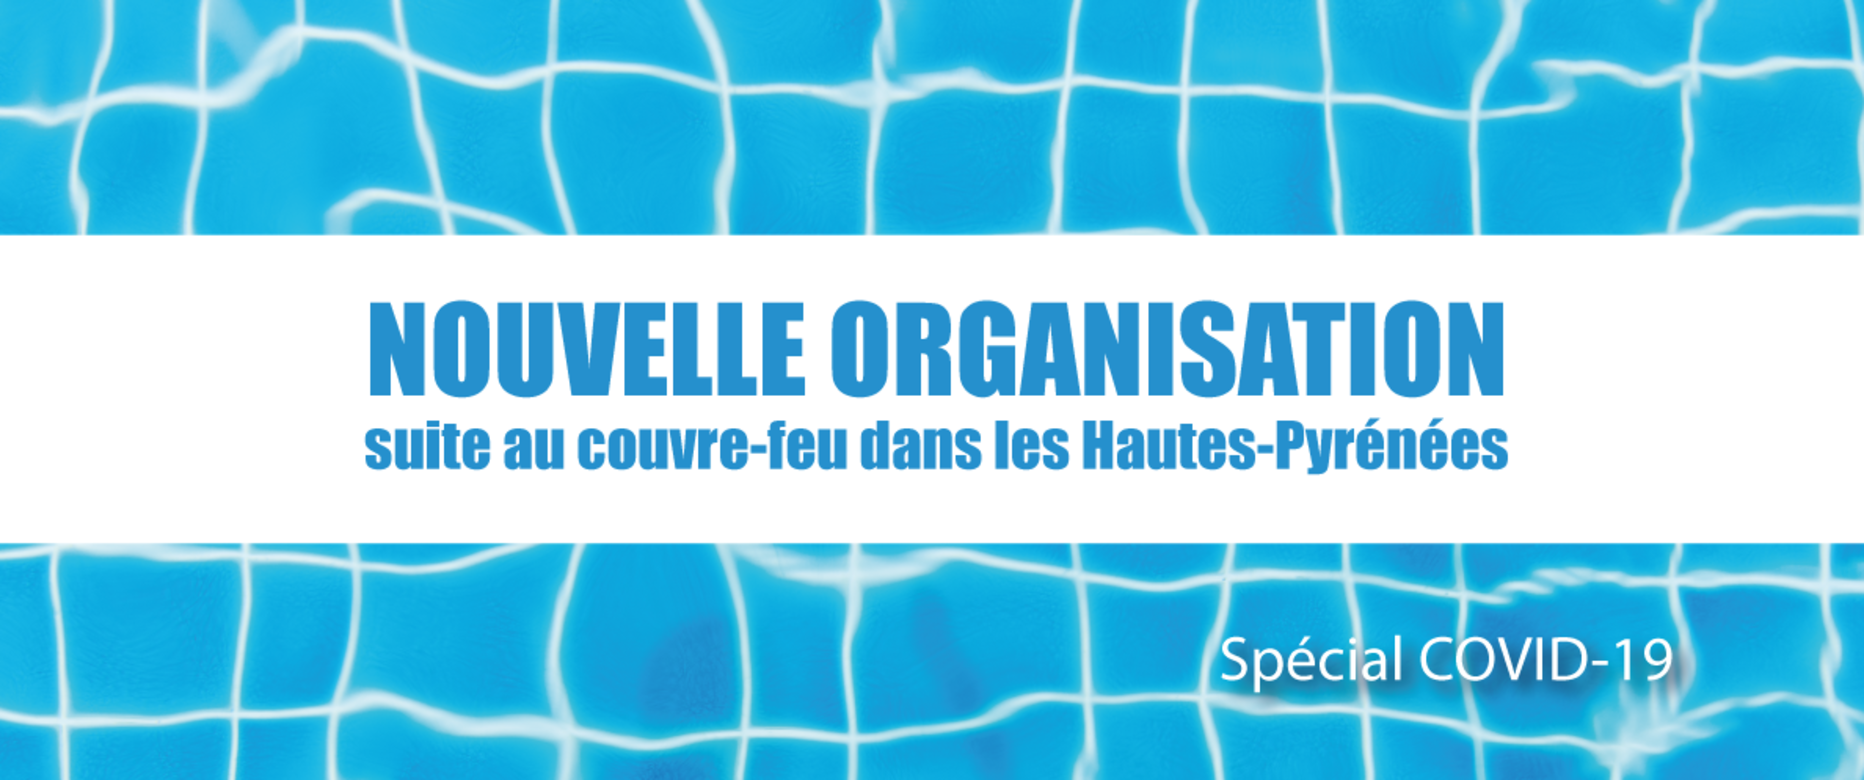 Nouvelle organisation suite au couvre-feu dans les Hautes-Pyrénées